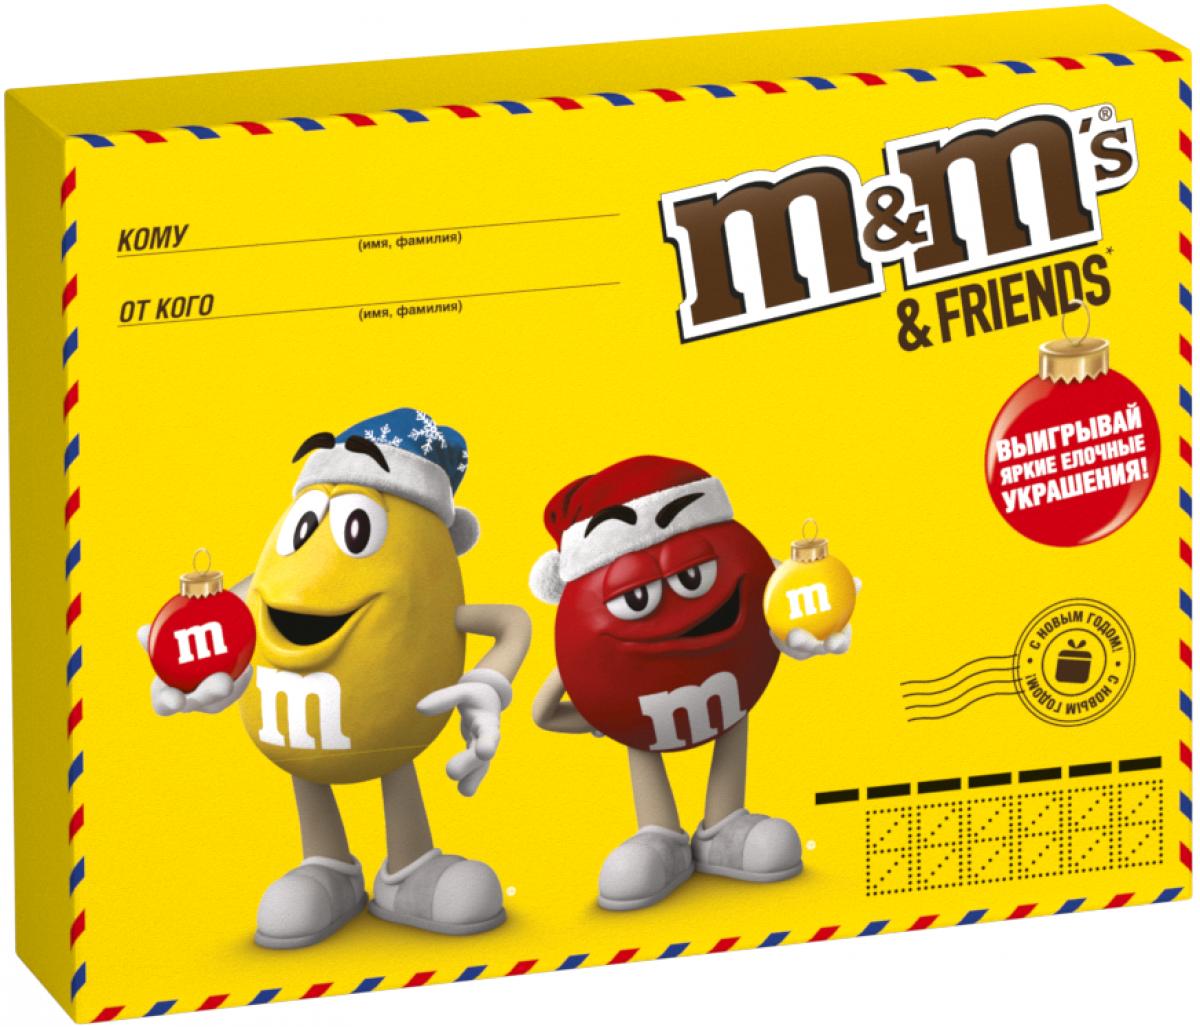 M&Ms and Friends Почта подарочный набор кондитерских изделий, 260 г4607065379964Новогодний набор M&Ms и Друзья - отличный подарок для родных, близких, детей и коллег! В наборе - только самые известные и любимые шоколадные батончики, конфеты и драже: Сникерс, Твикс, Баунти и, кончено же, M&Ms! Яркая упаковка дополняет этот